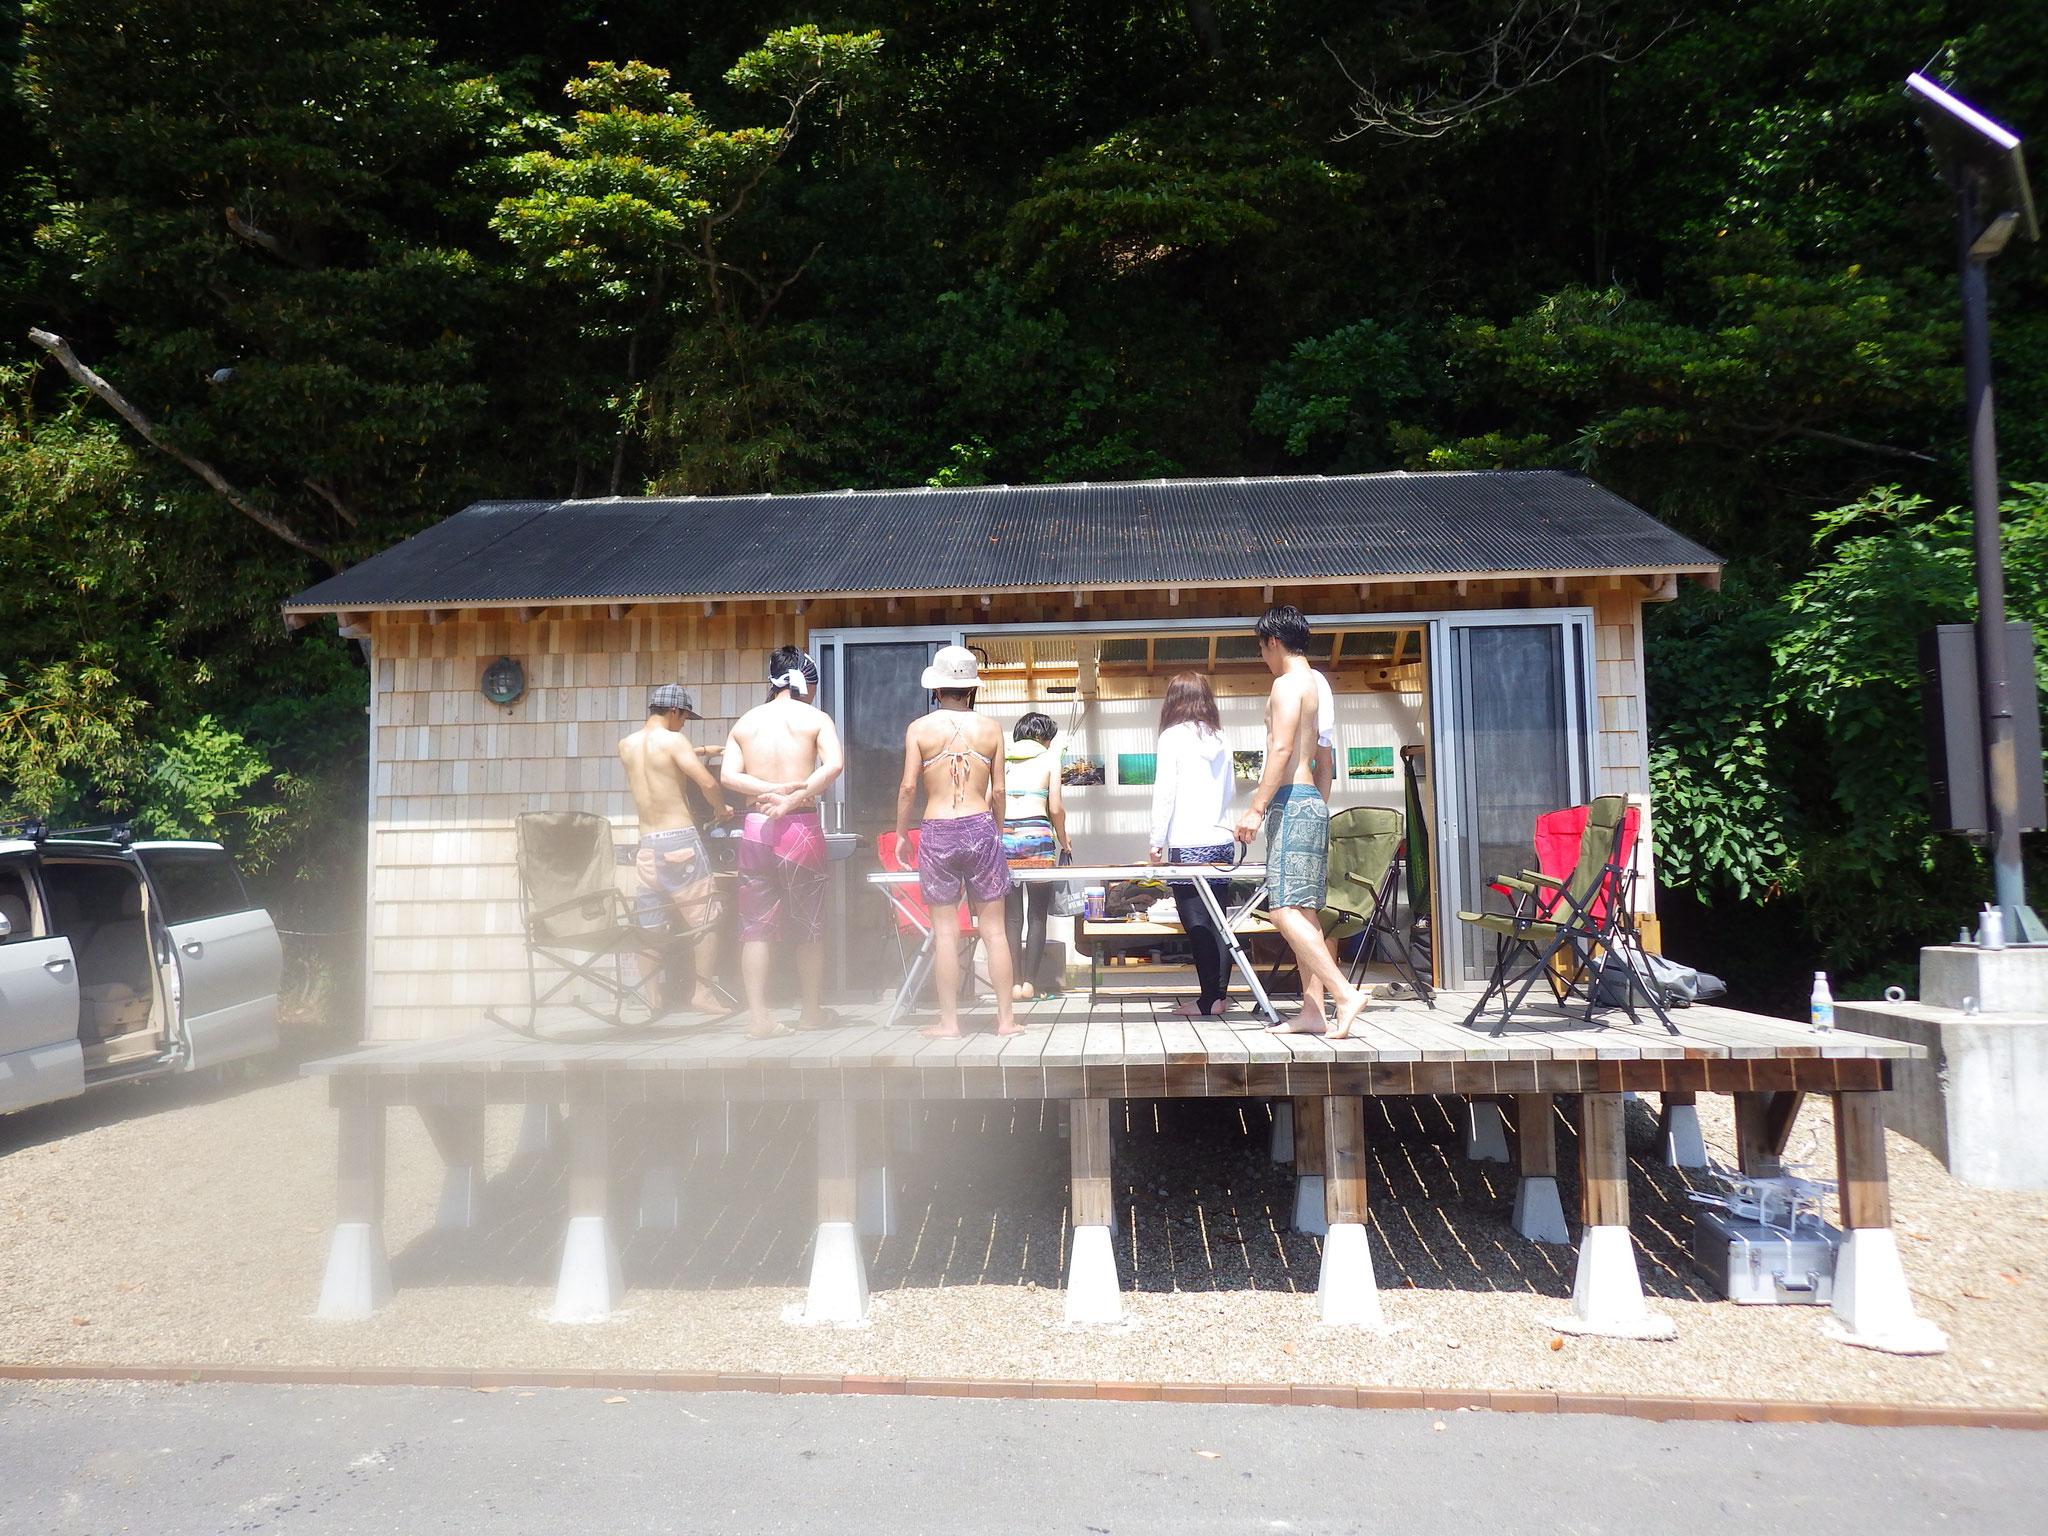 シャワーを浴びたら海小屋に集合しBBQスタート。